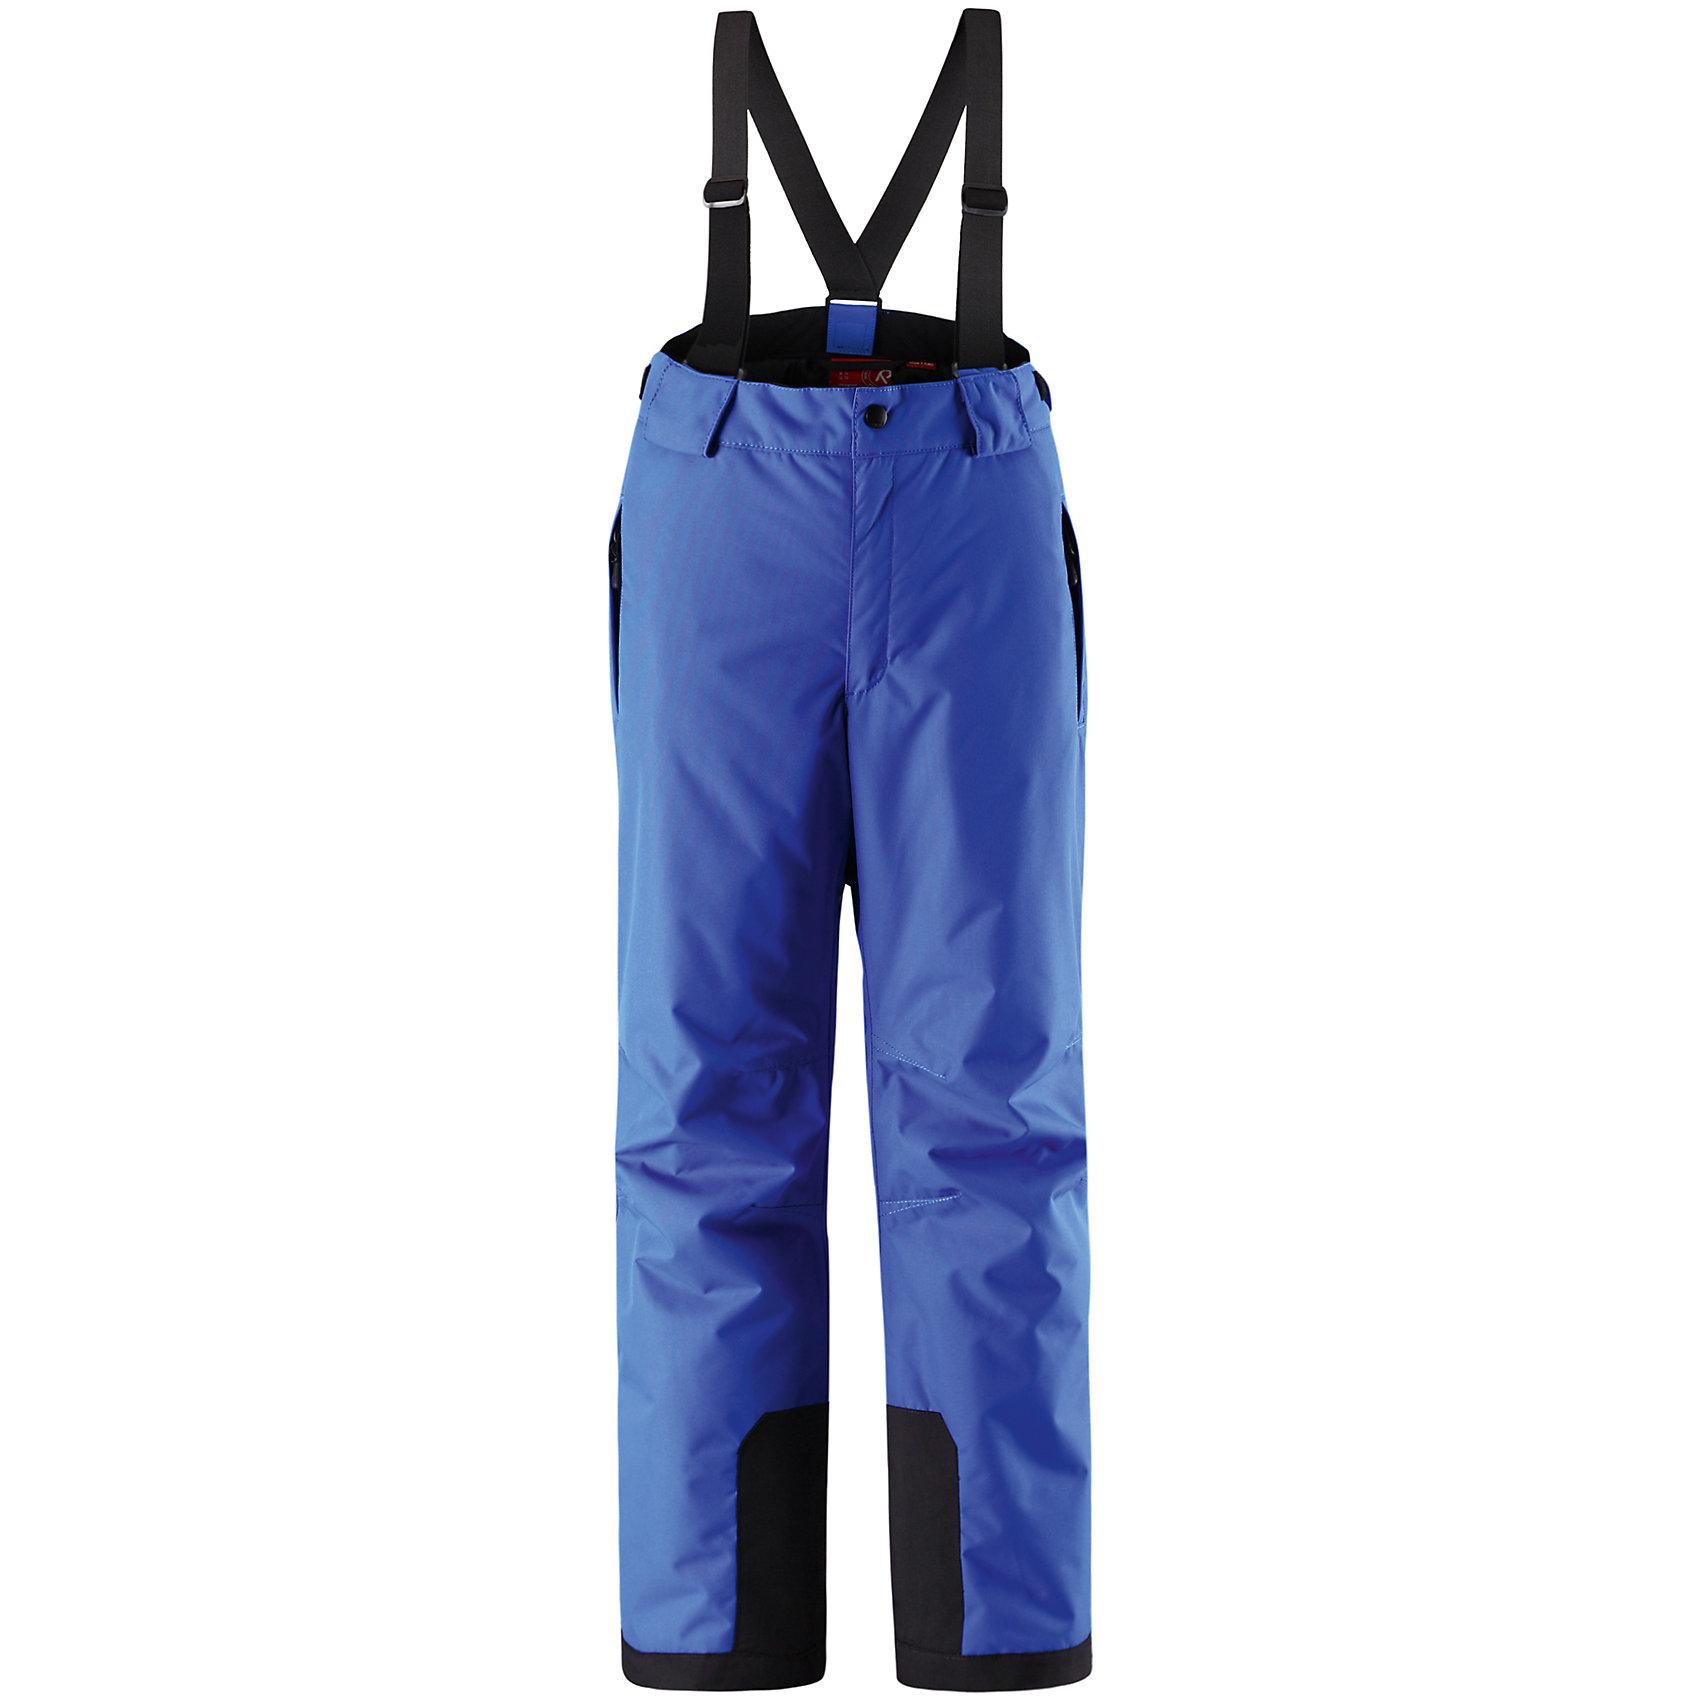 Брюки ReimaБрюки Reima (Рейма), синий от известного финского производителя  детской одежды Reima. Зимние брюки выполнены из полиамида, который обладает высокой износоустойчивостью, воздухопроницаемыми, водооталкивающими и грязеотталкивающими свойствами. Изделие устойчиво к изменению формы и цвета даже при длительном использовании. Силуэт изделия имеет классическую форму: прямые брюки с высокой посадкой, съемными подтяжками и широким поясом. Пояс по ширине регулируется застежками на липучках, по бокам брюк имеются втачные карманы с застежками-молниями. У брюк все швы проклеенные, снизу брючин предусмотрена блокировка на кнопках от попадания снега. Зимние брюки от Reima  можно носить при температуре до - 20 градусов.    <br><br>Дополнительная информация:<br><br>- Предназначение: повседневная одежда для прогулок и активного отдыха<br>- Цвет: синий<br>- Пол: для мальчика/для девочки<br>- Состав: 100% полиамид, полиуретановое покрытие<br>- Сезон: зима<br>- Особенности ухода: стирать изделие, предварительно вывернув его на левую сторону, не использовать отбеливающие вещества<br><br>Подробнее:<br><br>• Для детей в возрасте: от 9 лет и до 10 лет<br>• Страна производитель: Китай<br>• Торговый бренд: Reima, Финляндия<br><br>Брюки Reima (Рейма), синий можно купить в нашем интернет-магазине.<br><br>Ширина мм: 215<br>Глубина мм: 88<br>Высота мм: 191<br>Вес г: 336<br>Цвет: синий<br>Возраст от месяцев: 144<br>Возраст до месяцев: 156<br>Пол: Унисекс<br>Возраст: Детский<br>Размер: 158,164,128,146,134,140,152<br>SKU: 4869755